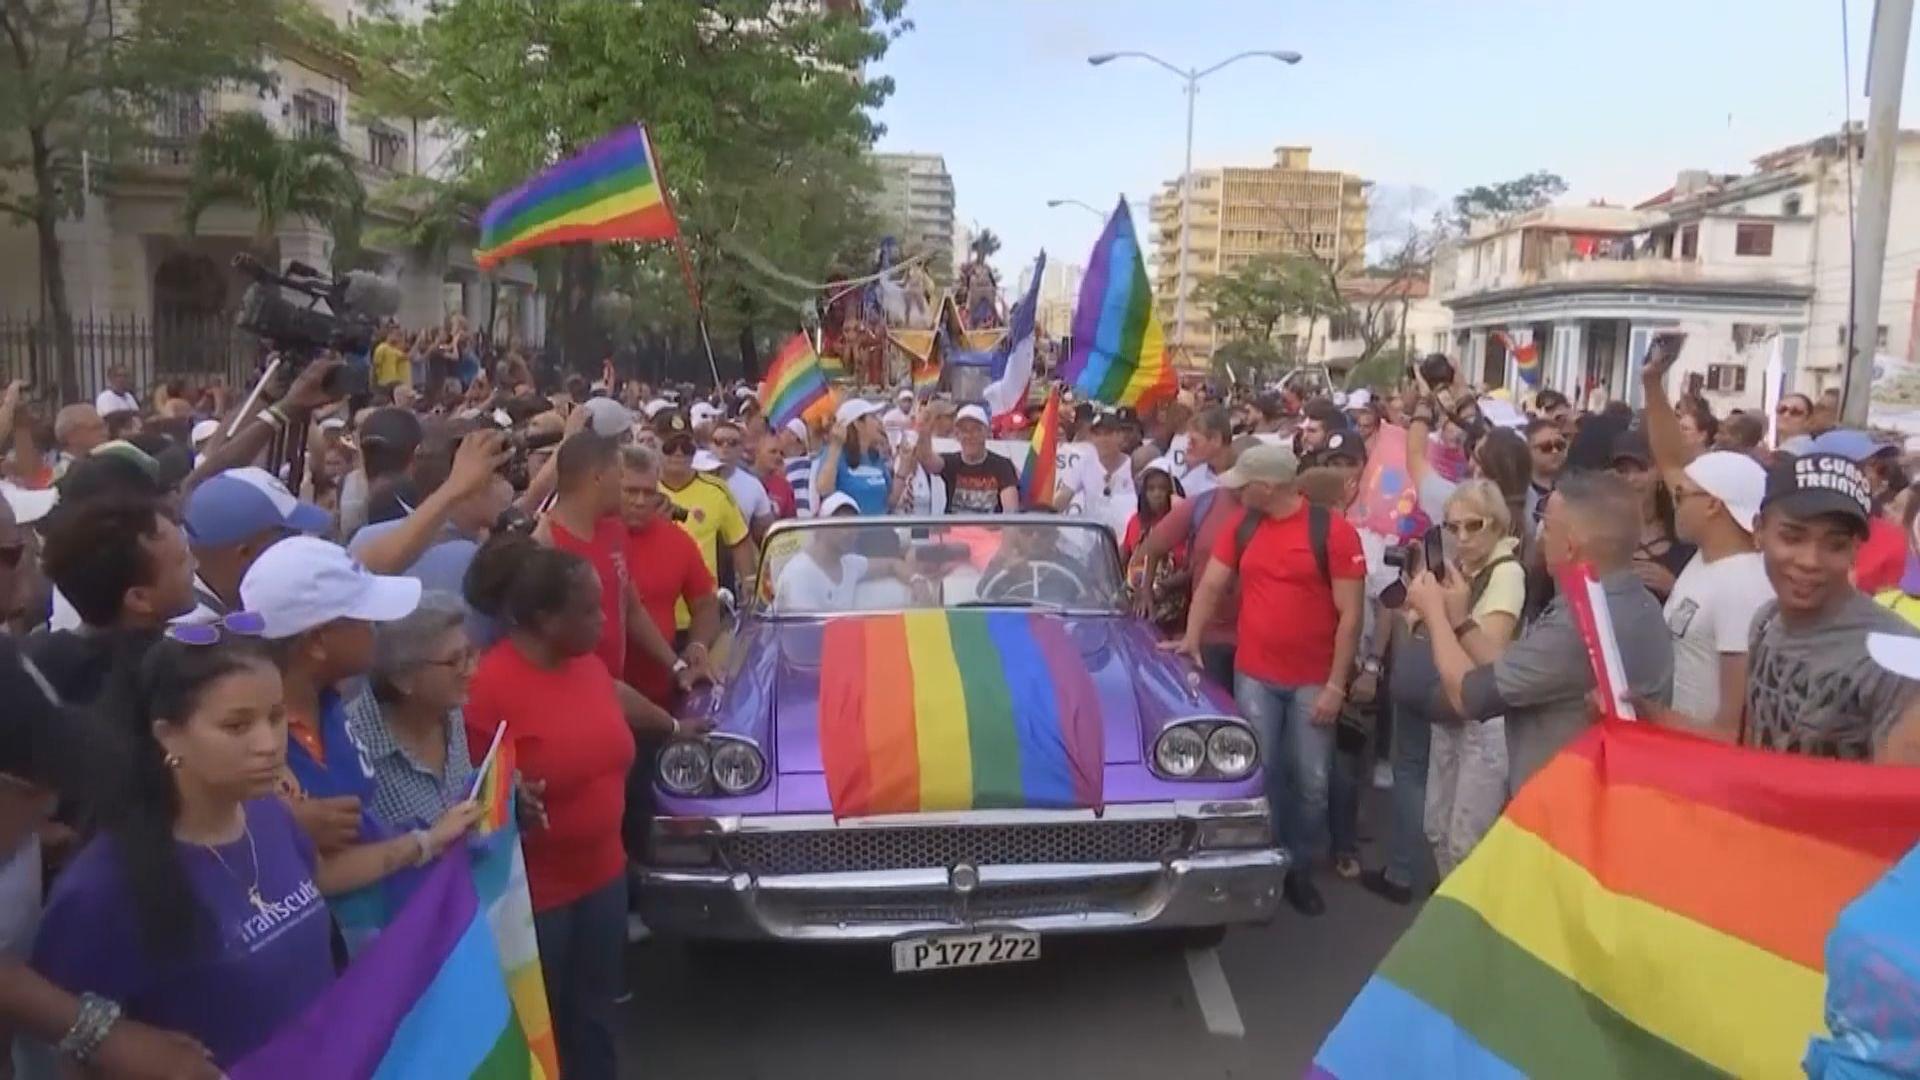 【環球薈報】古巴新憲將就同性婚姻議題保持中立